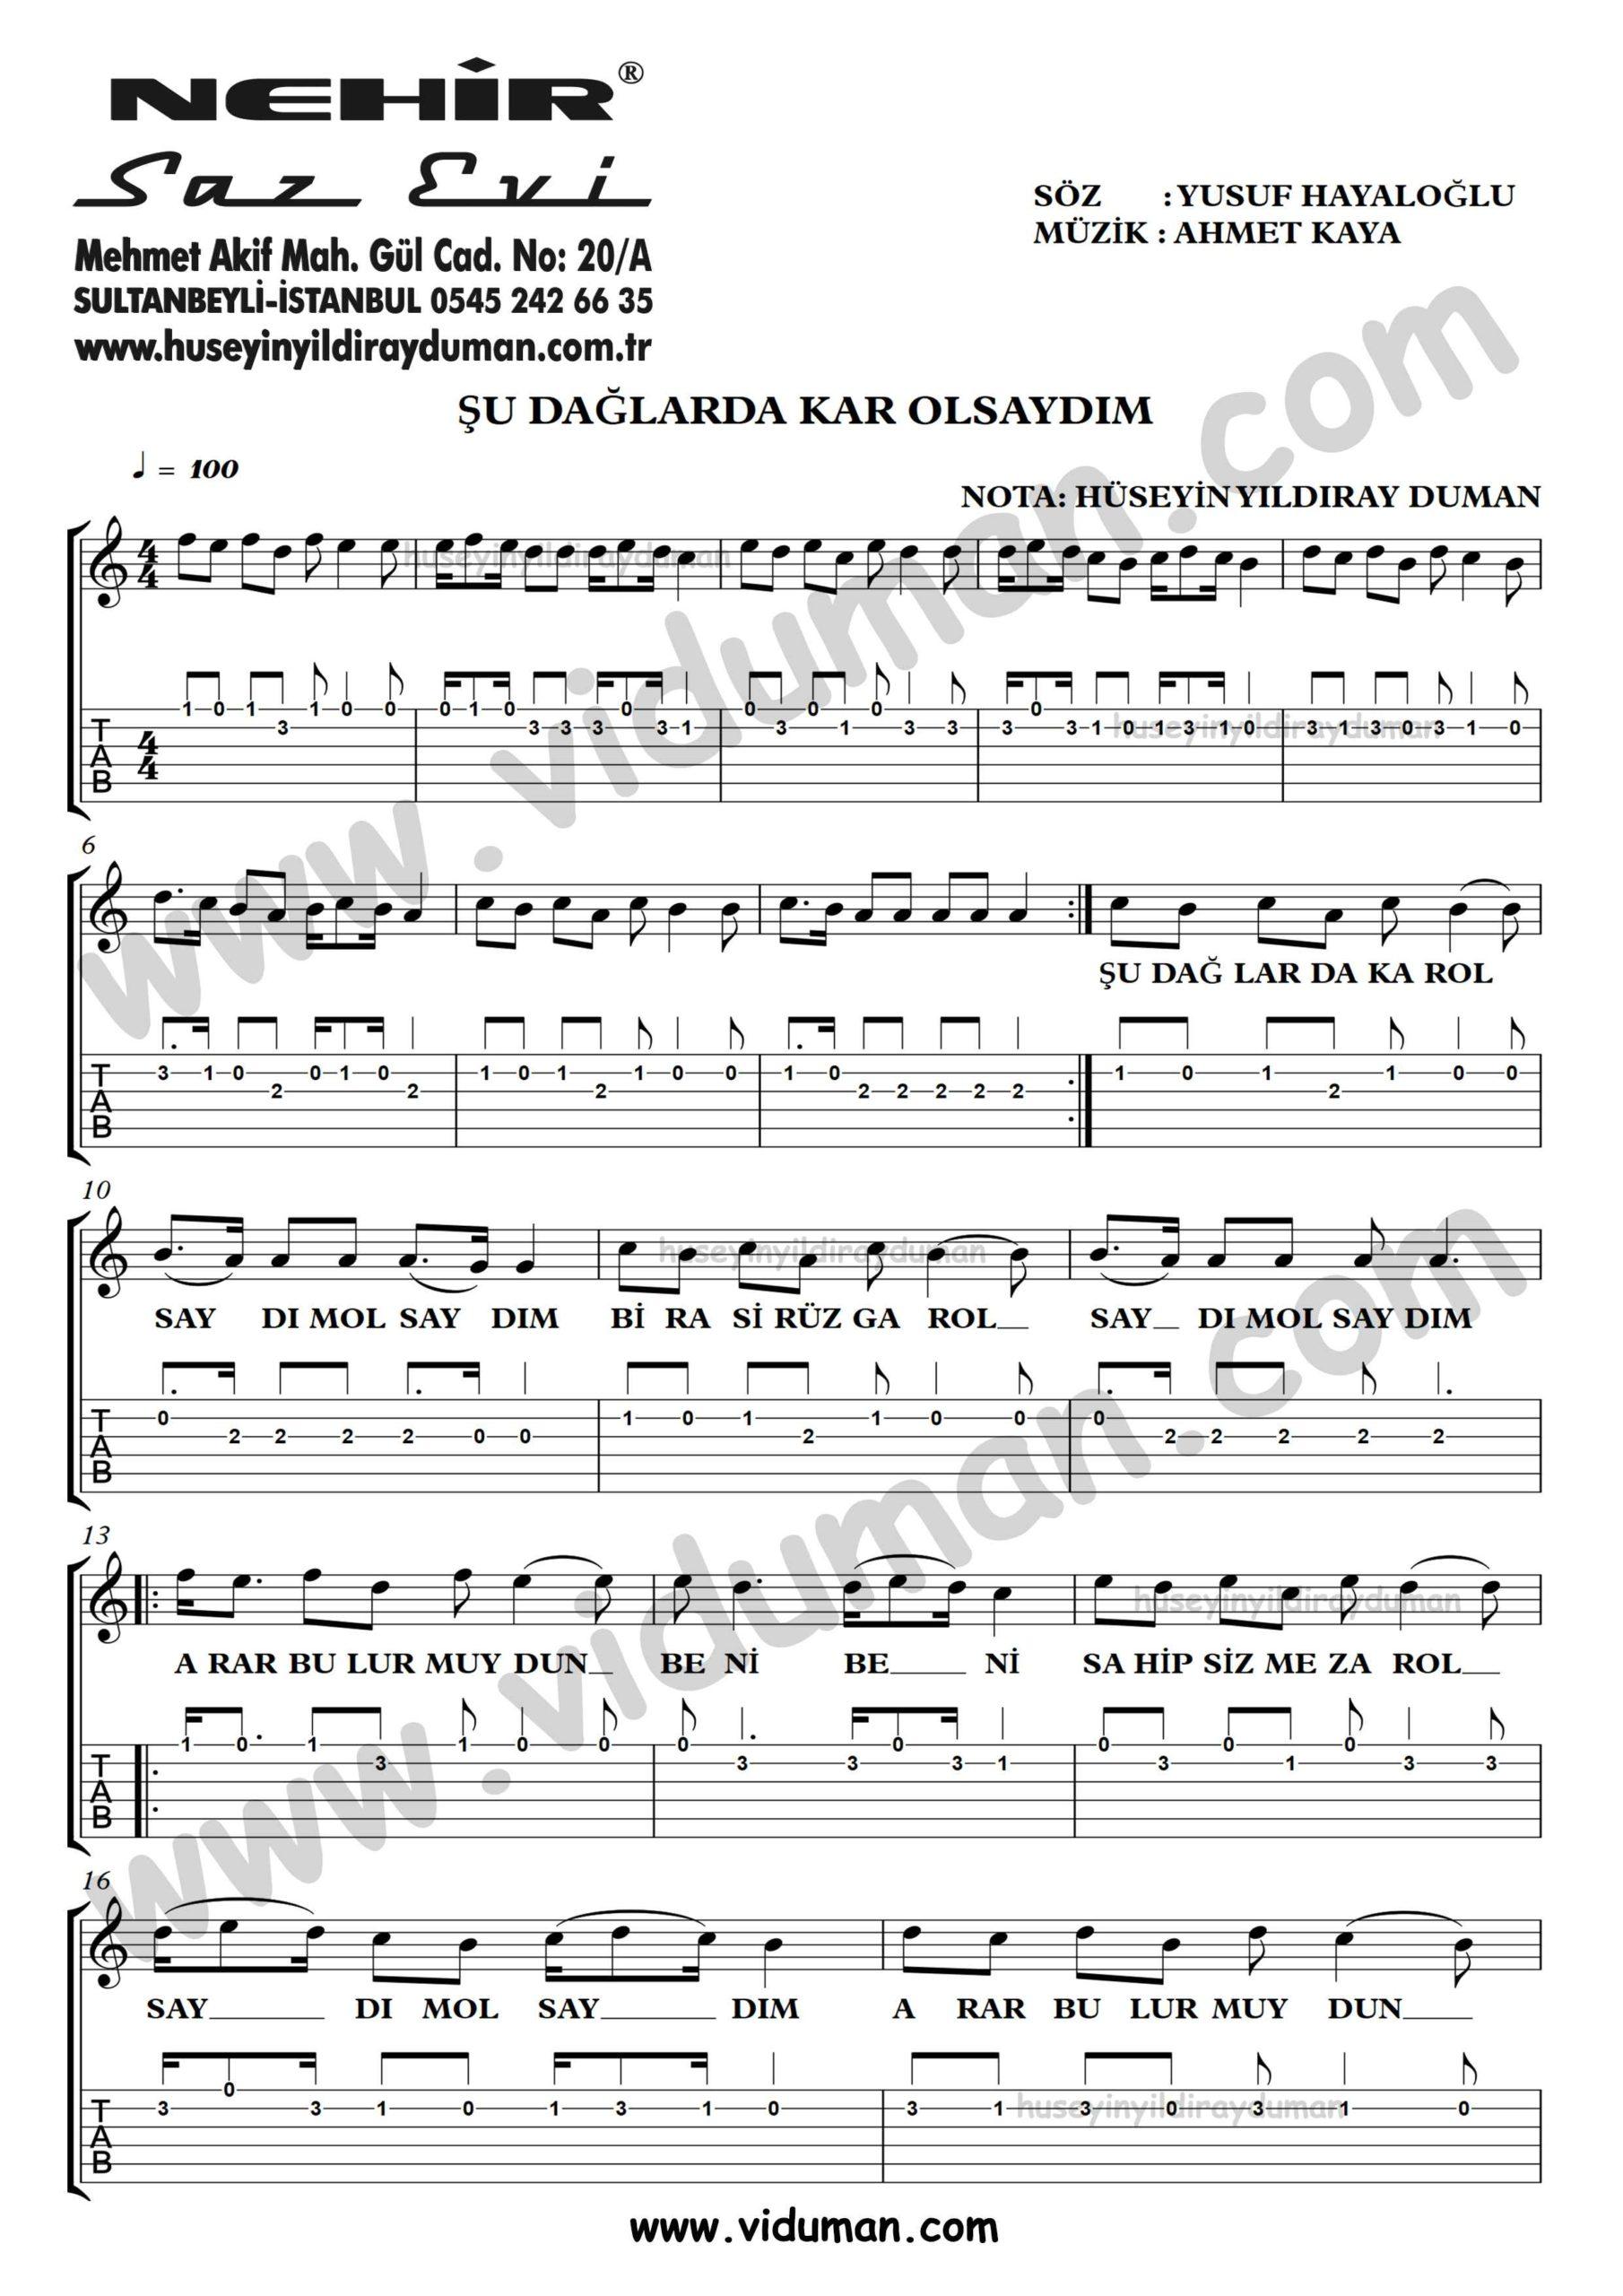 Su Daglarda Kar Olsaydim_1-Ahmet Kaya-Gitar Tab-Solo Notalari